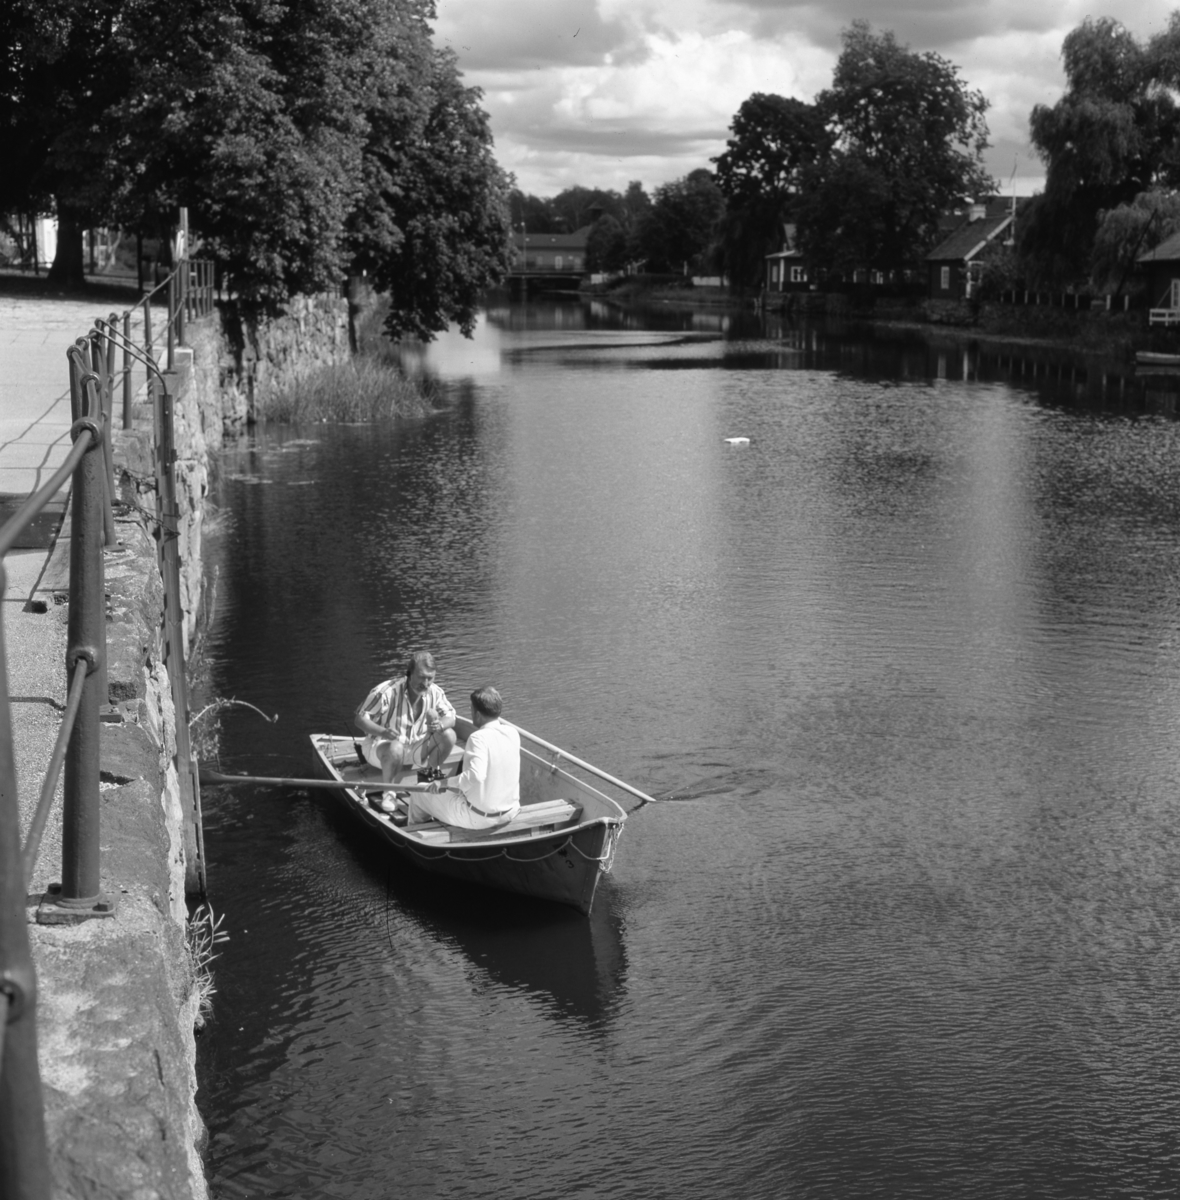 En reporter från Radio Västmanland sitter i en båt på Arbogaån. Han har en mikrofon i handen och intervjuar roddaren. Den mannen är okänd. Båten ligger nedanför Ladbron/Labron/Lastbron